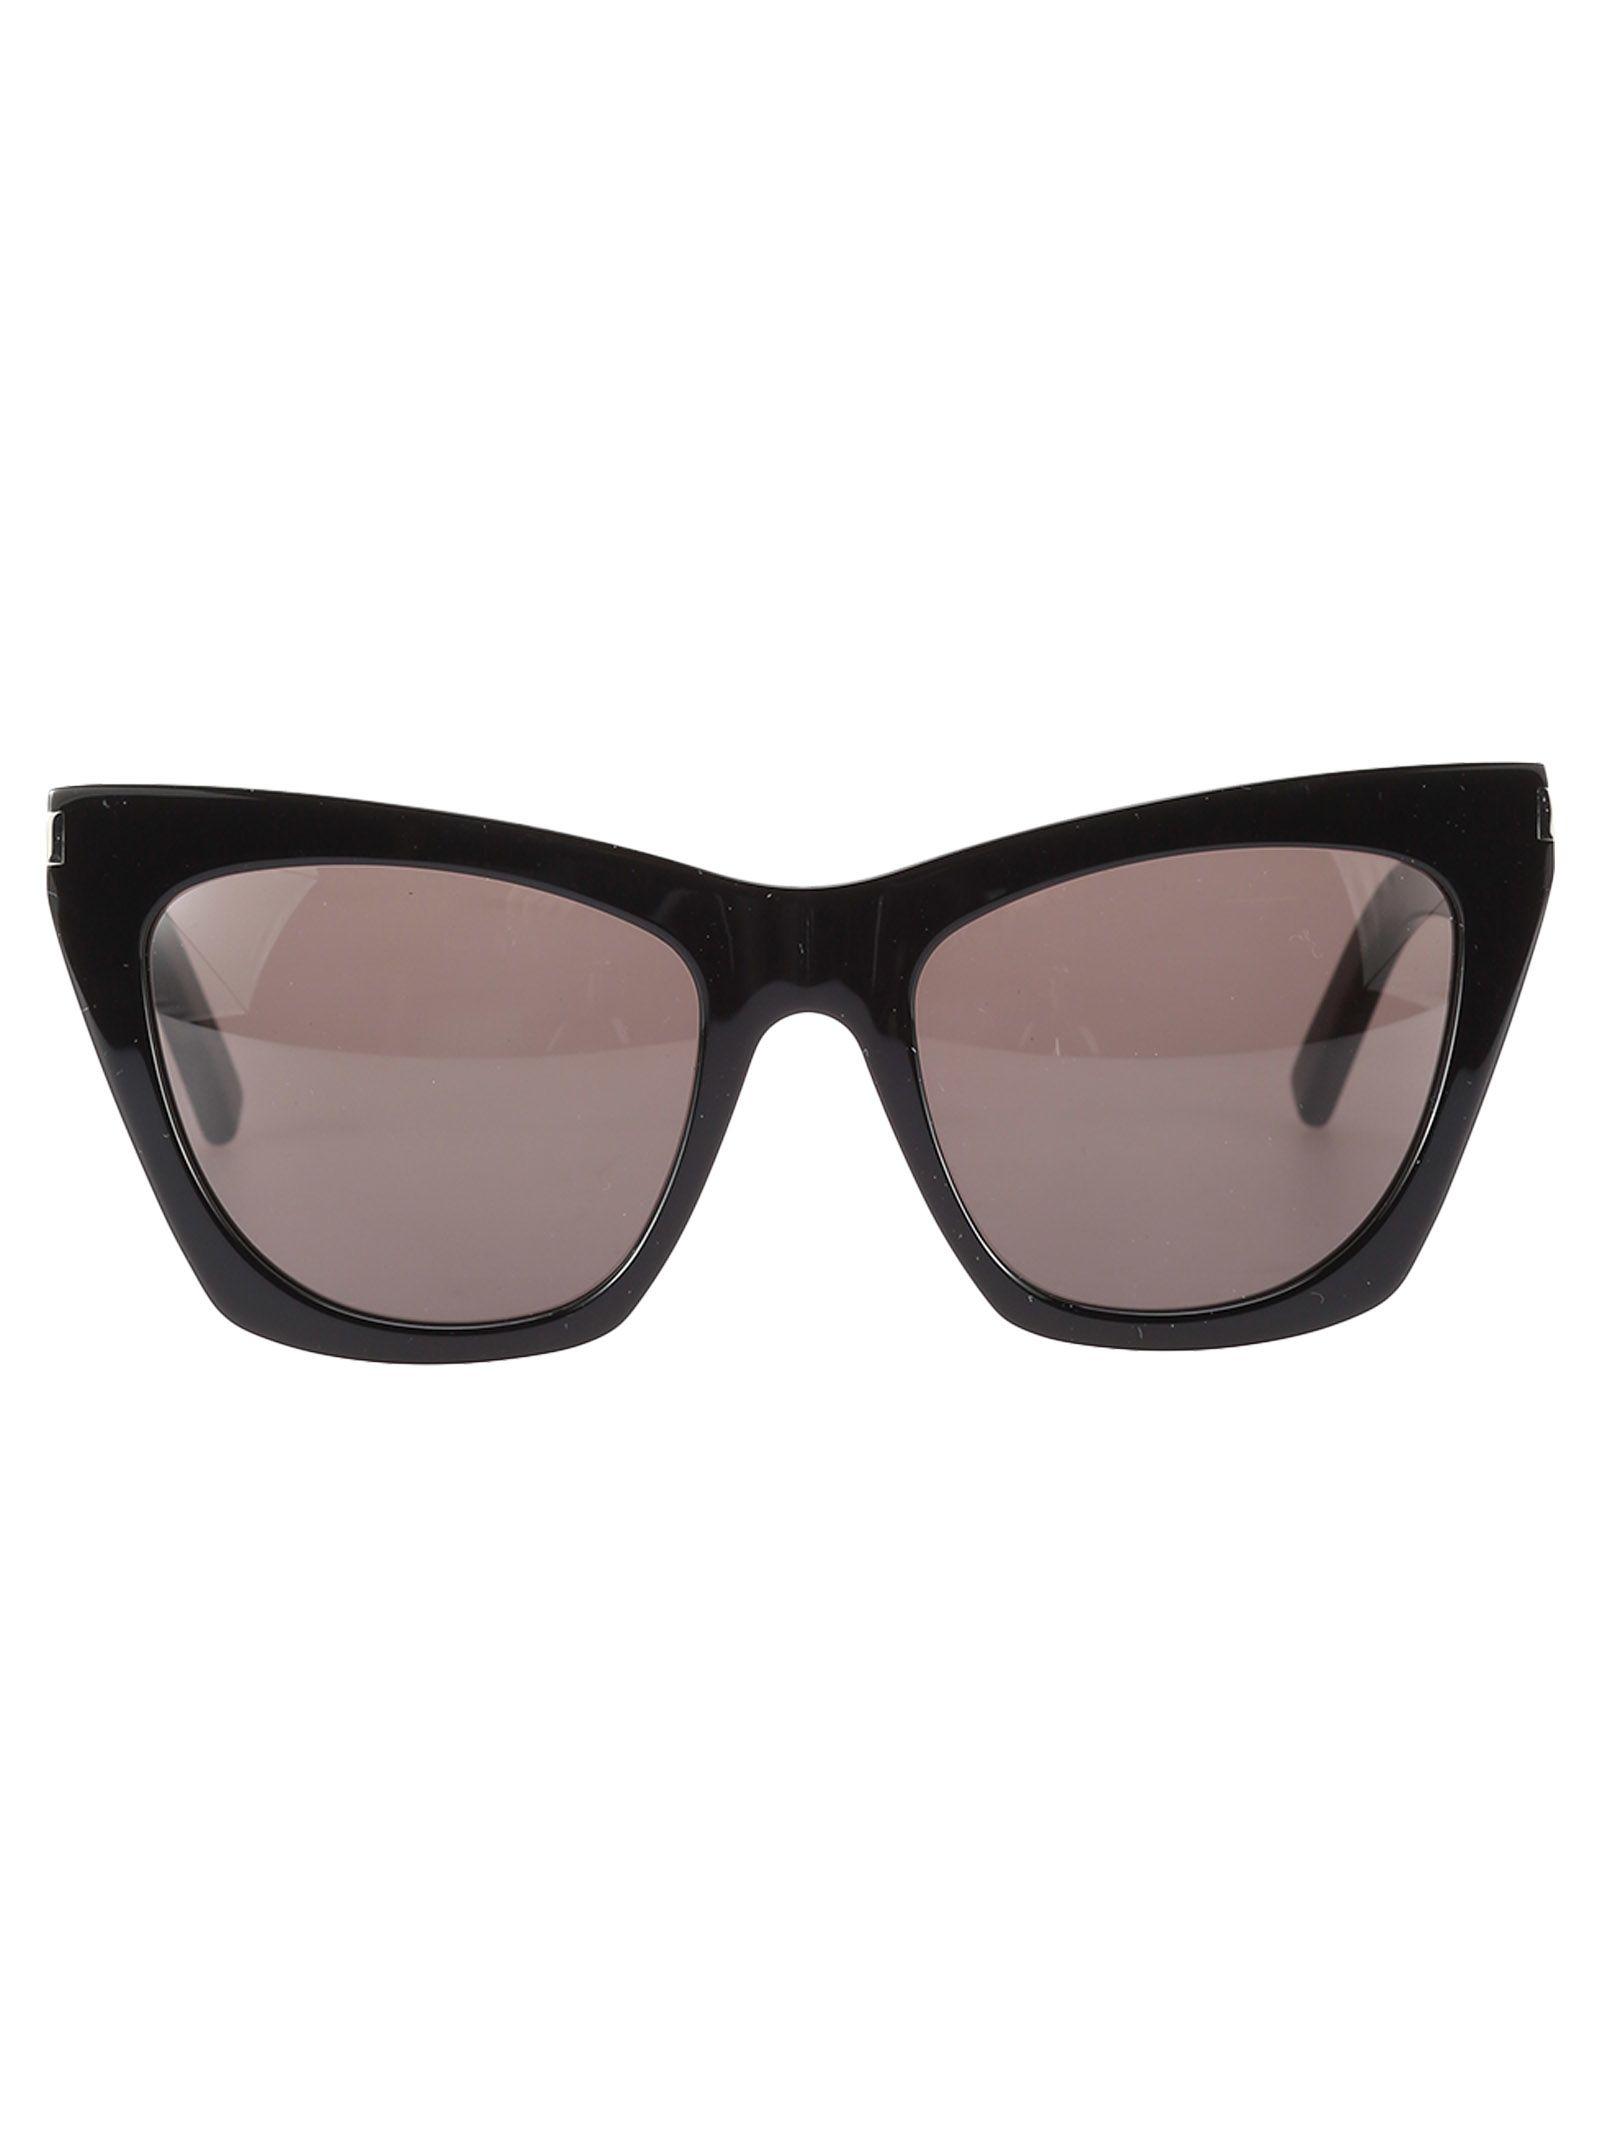 Saint Laurent Eyewear Kate Sunglasses